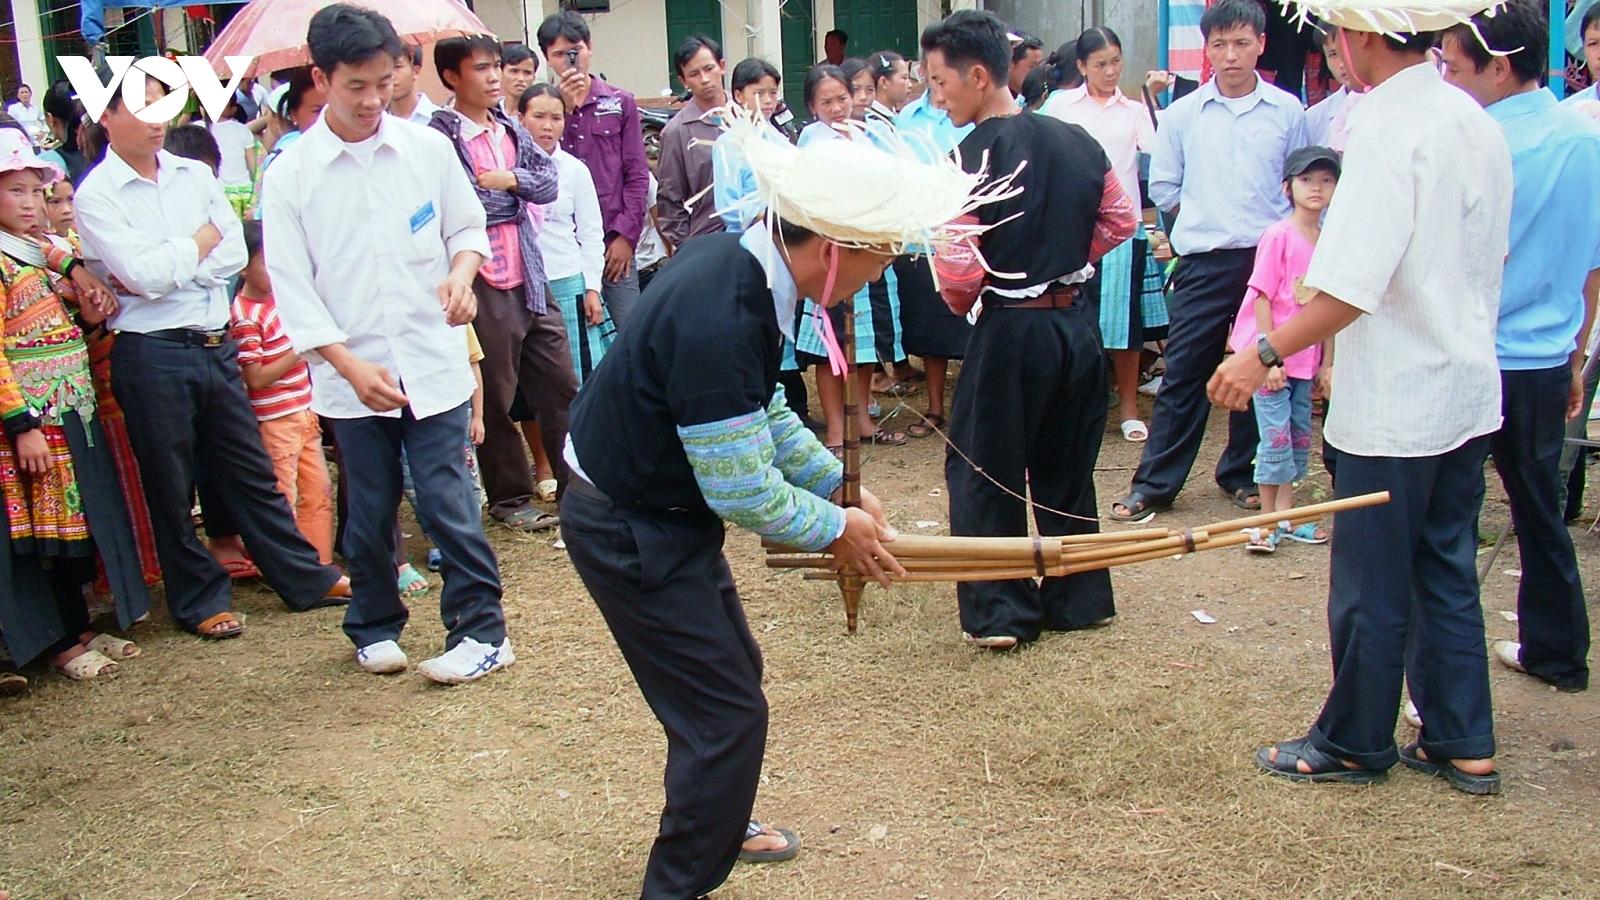 Sơn La dừng bắn pháo hoa và các hoạt động lễ hội dịp Tết Nguyên đán